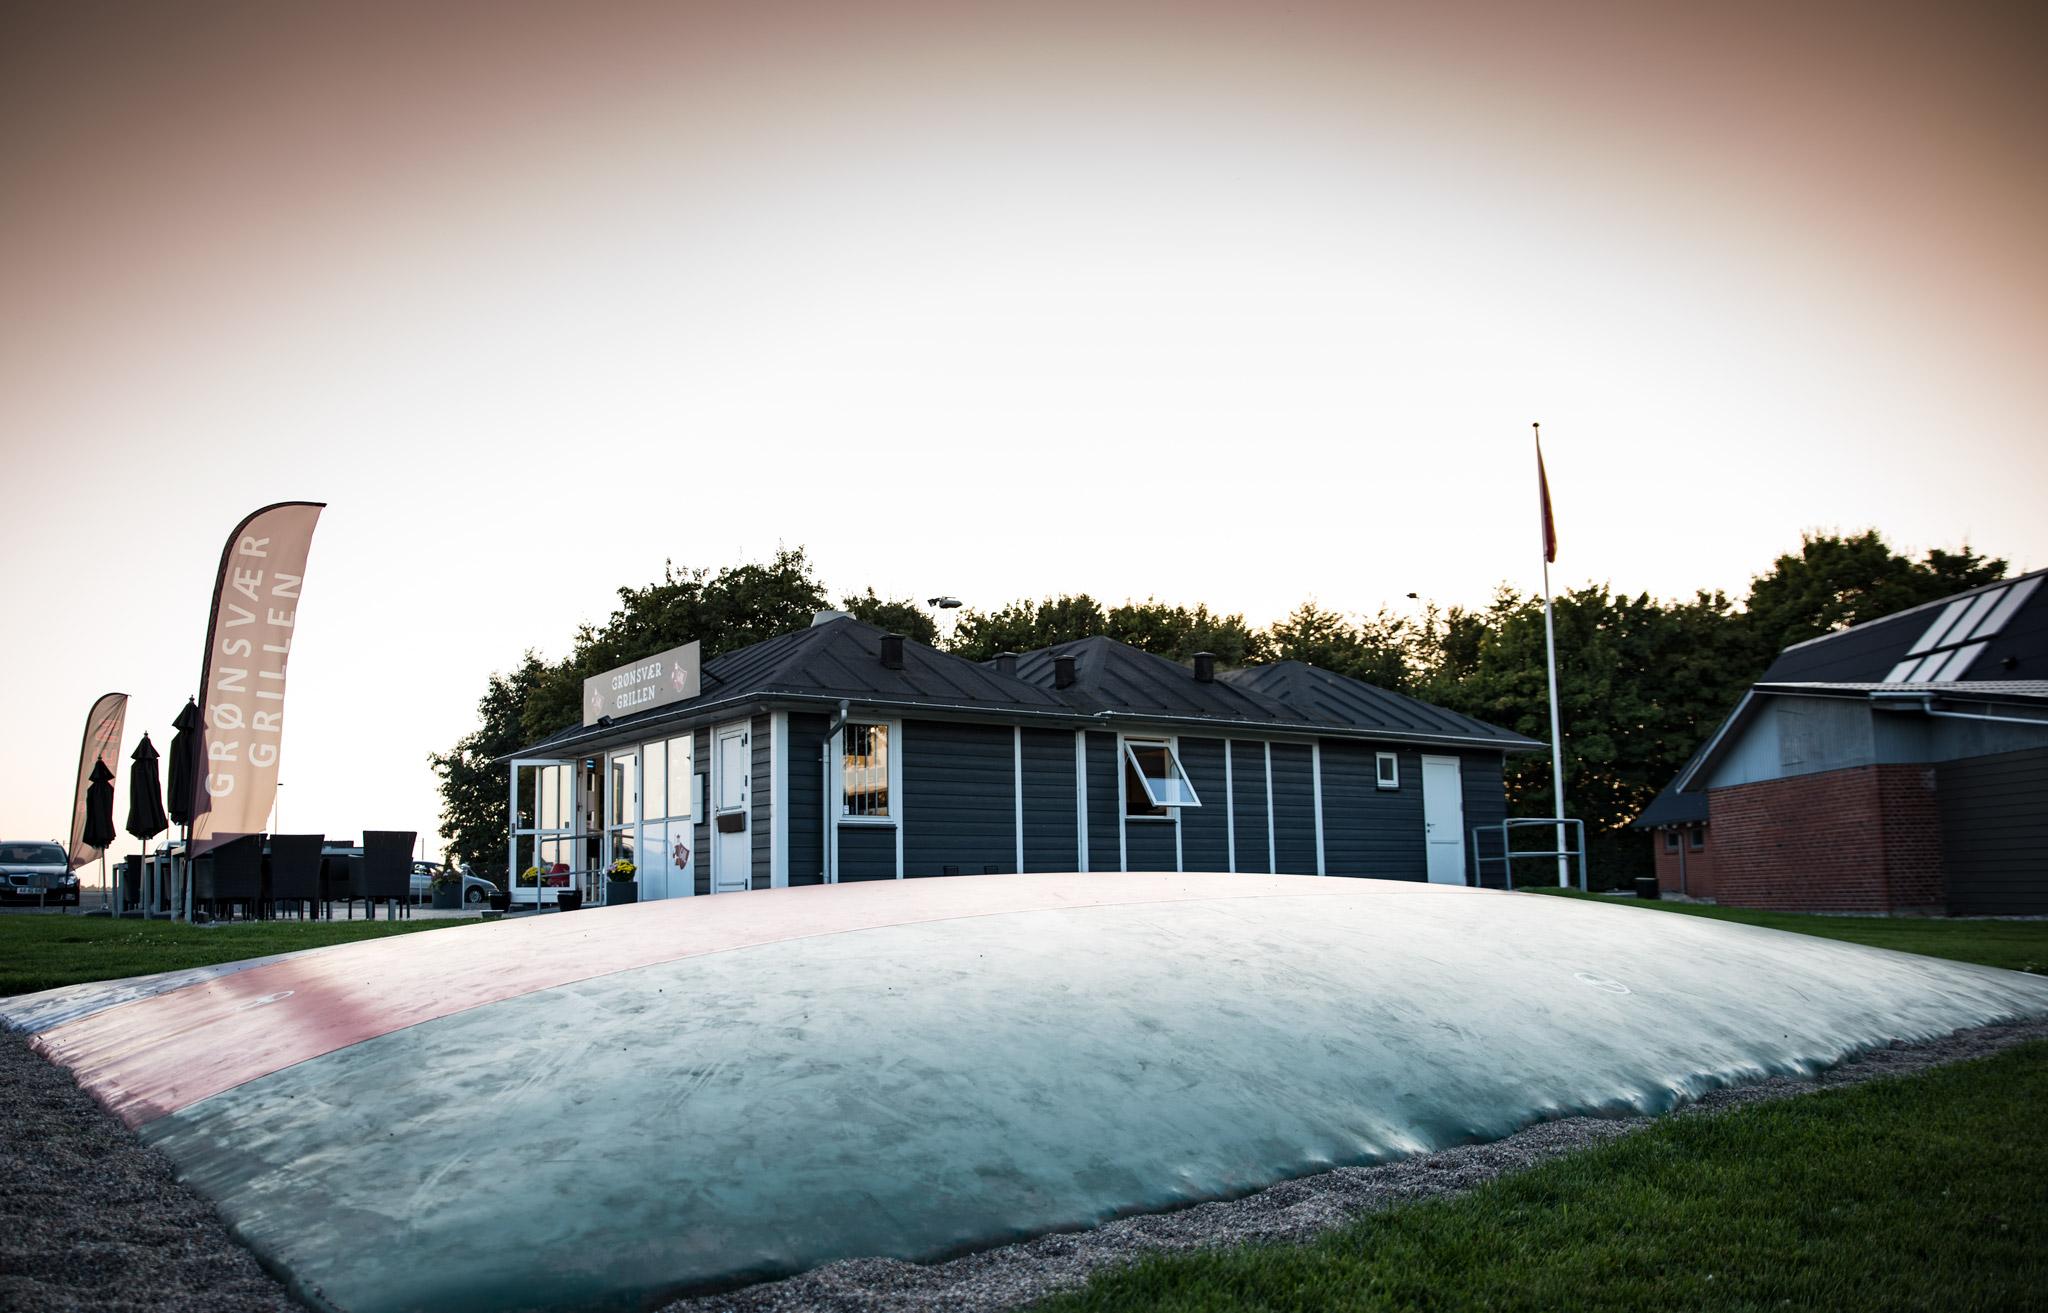 Hoppepuden udenfor Grønsvær Grillen i Gjerlev